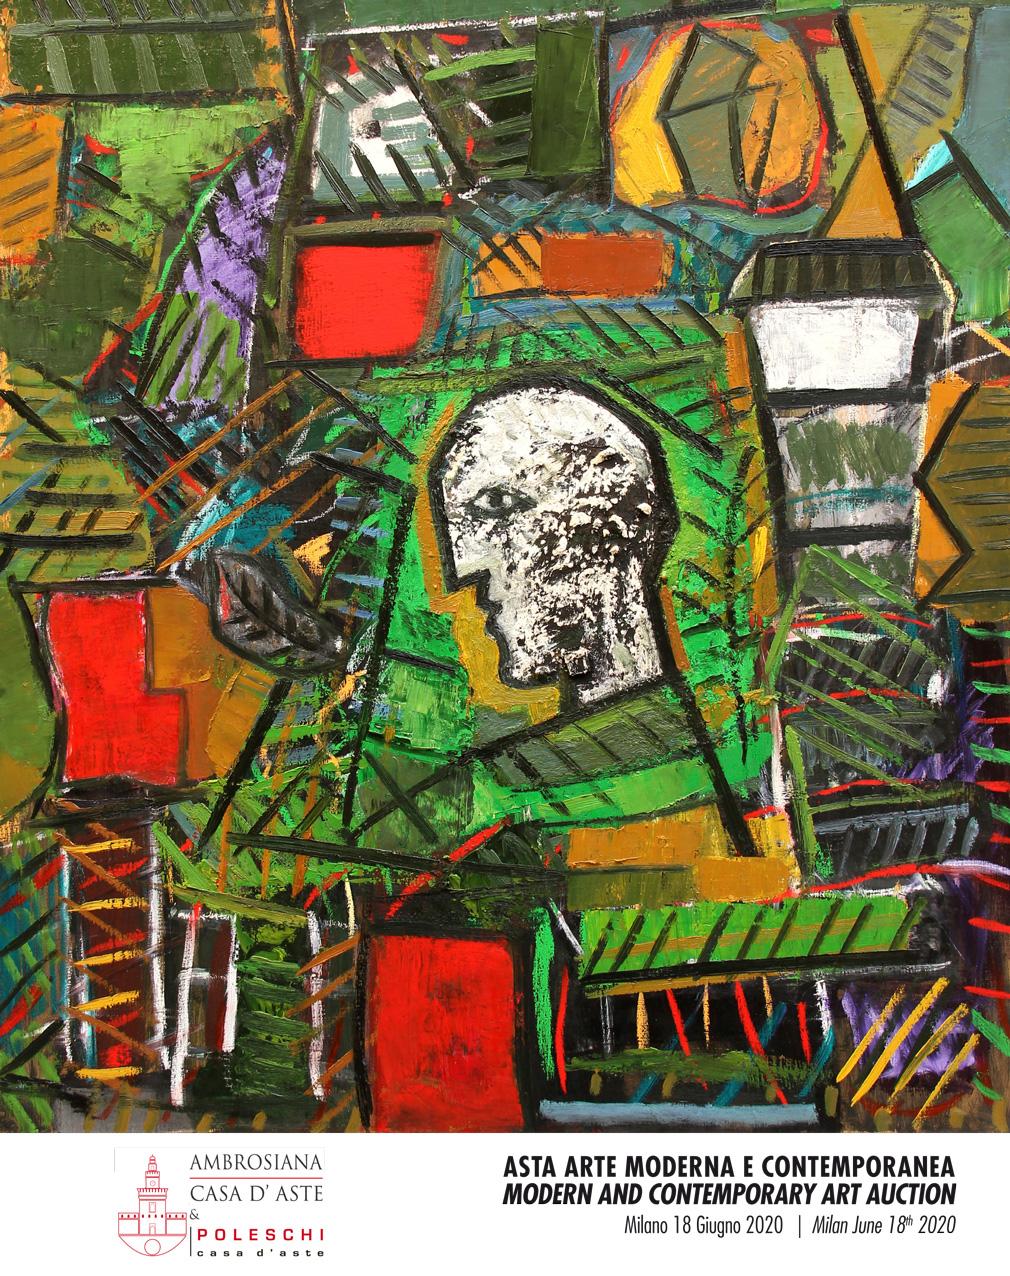 Vente Art Moderne et Contemporain chez Ambrosiana Casa D'Aste : 196 lots